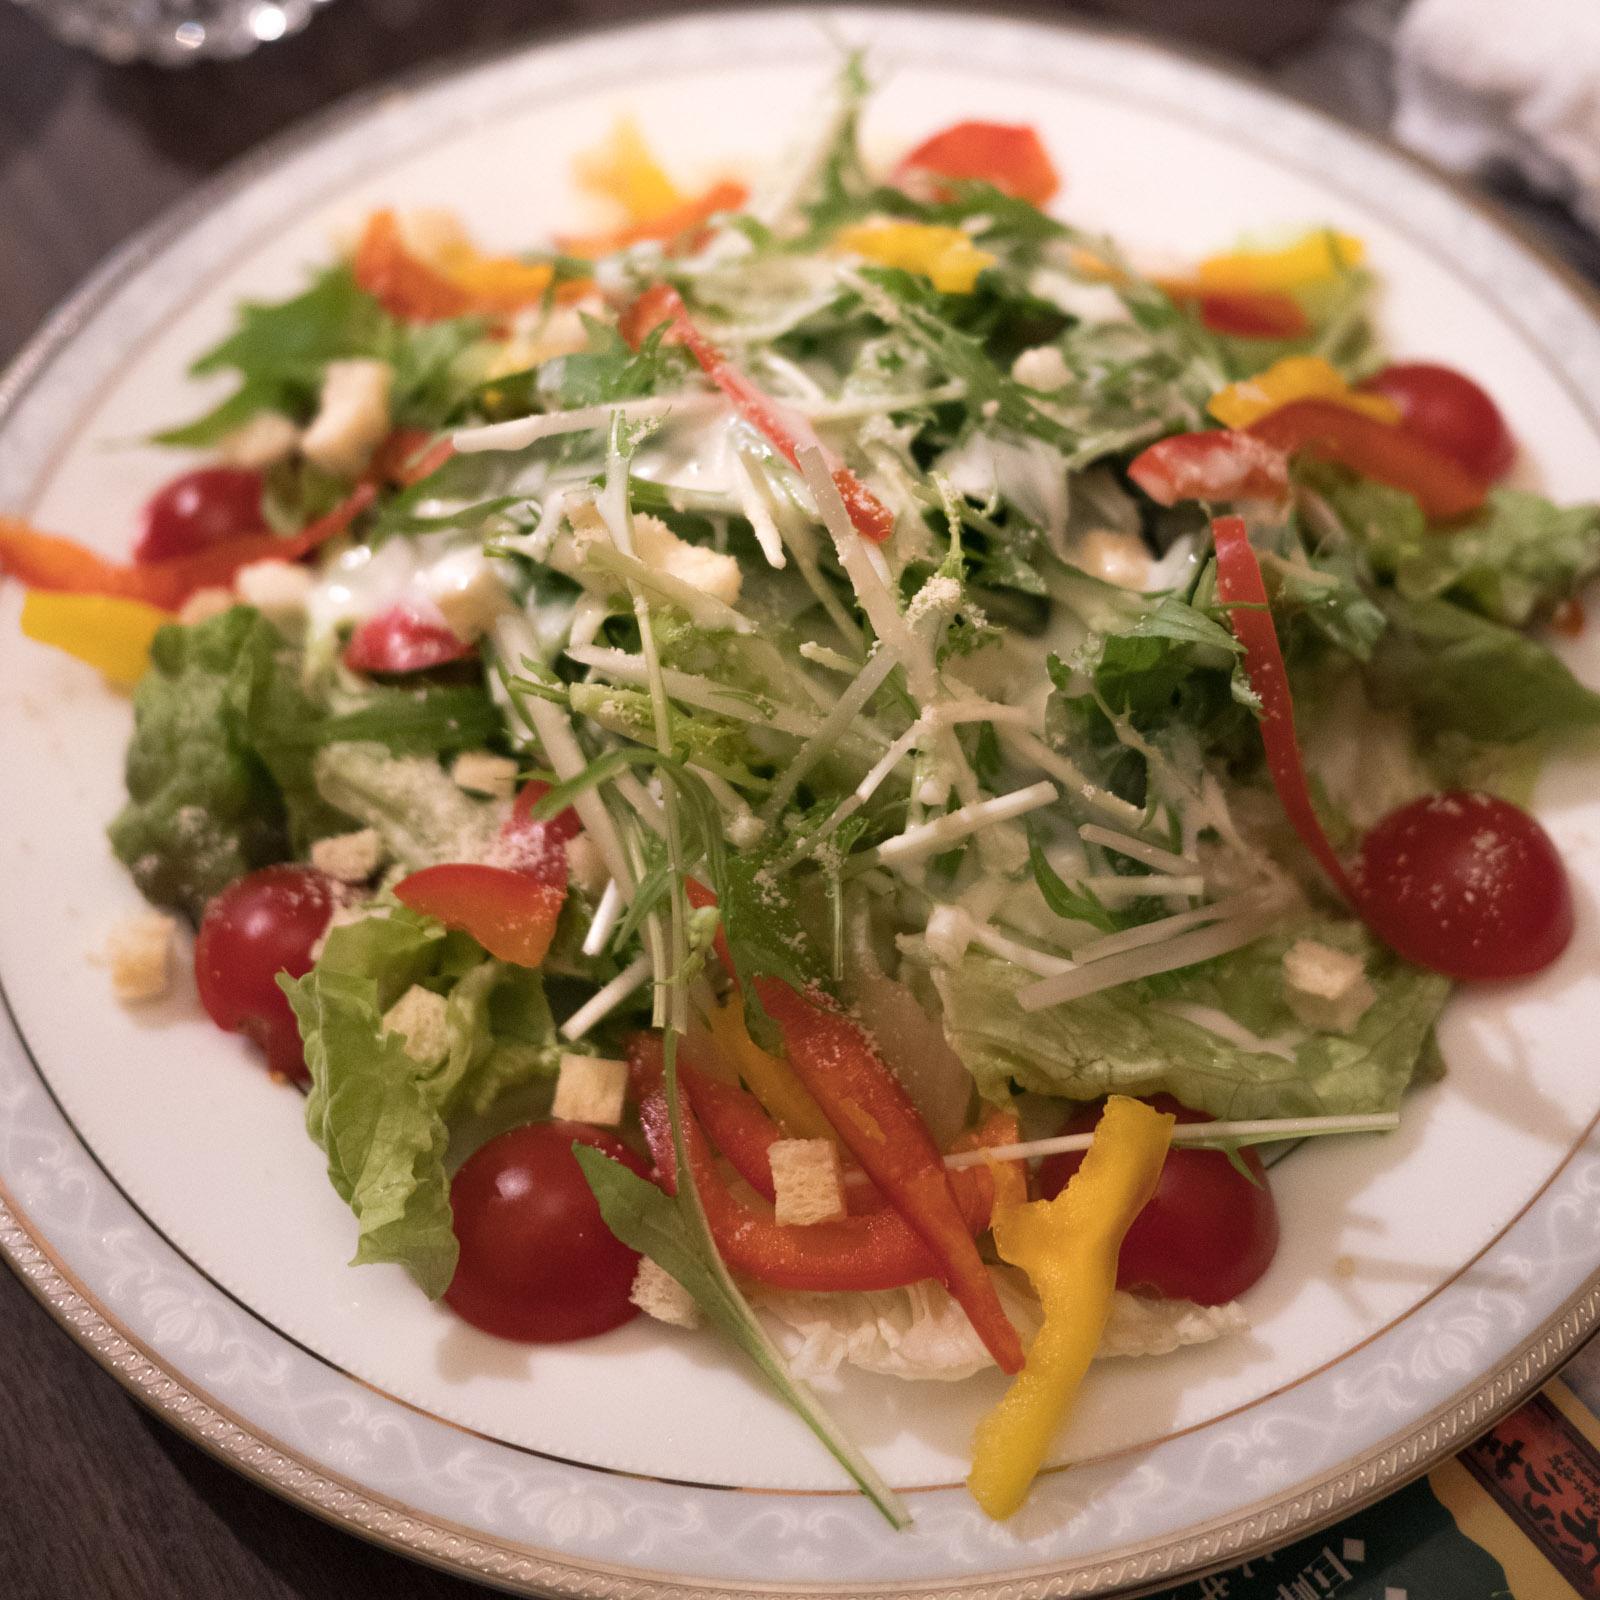 函館「牡蠣人(かきんちゅ)」宴会コースの野菜サラダ(シーザーサラダ)